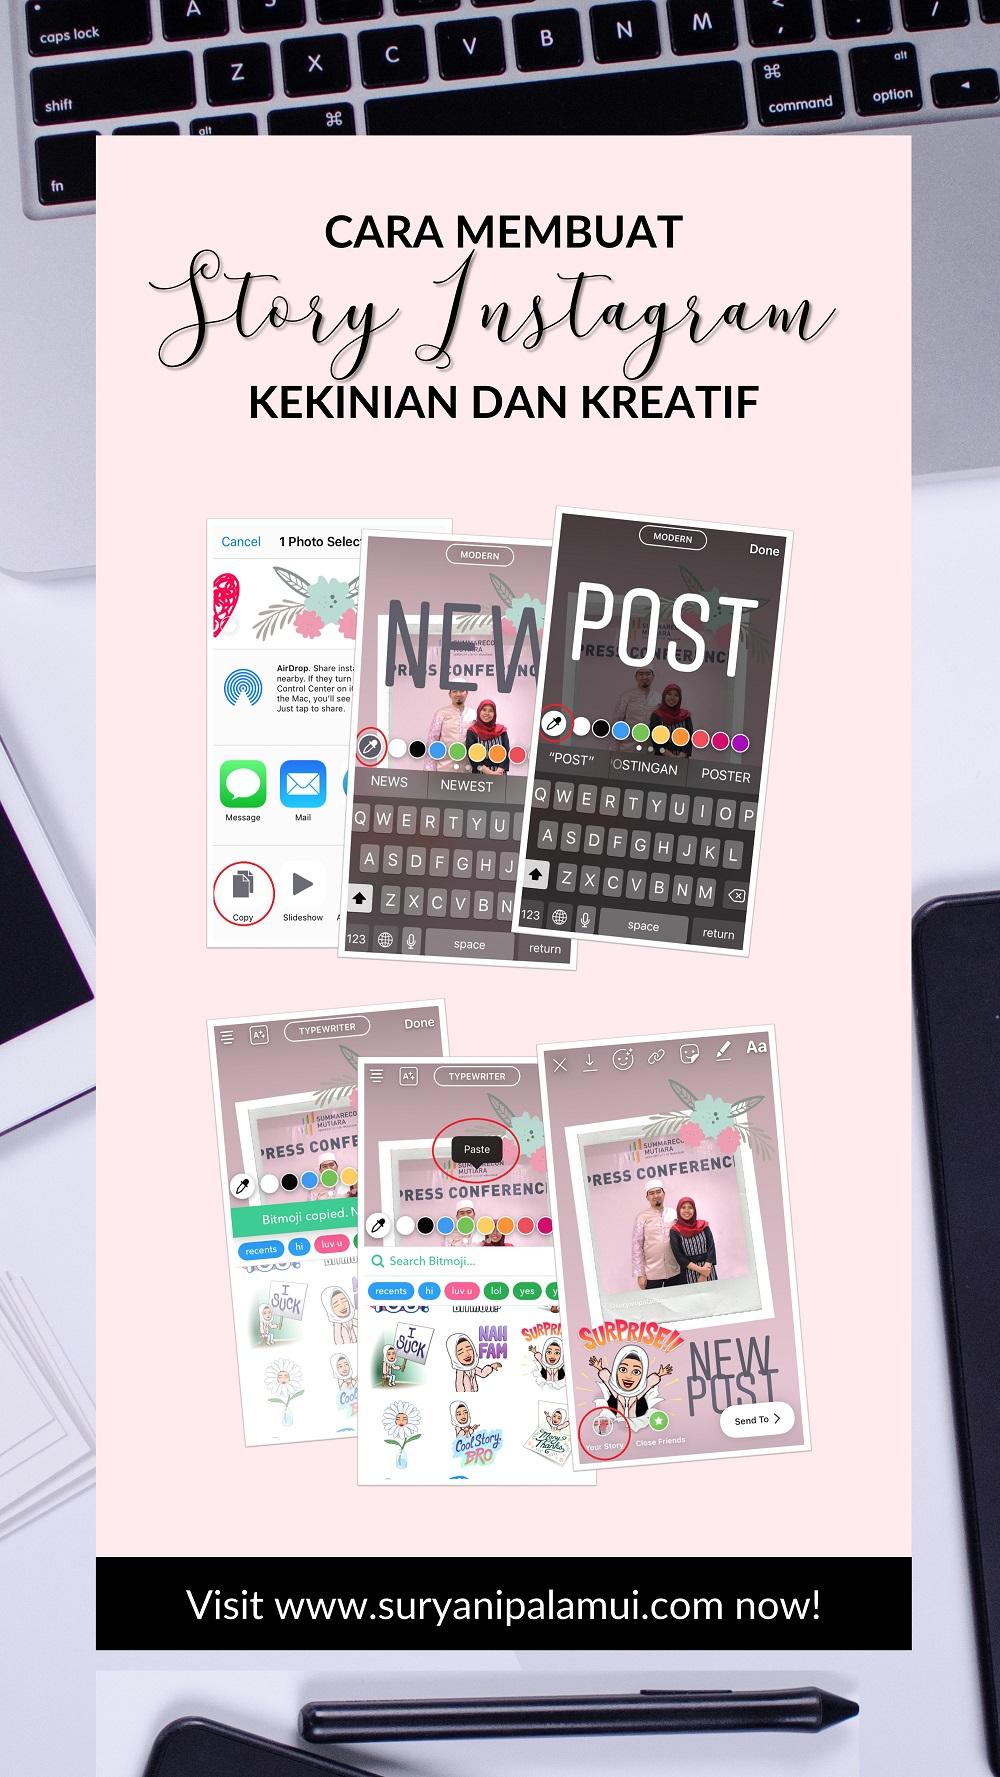 Story Instagram Kekinian & Kreatif, Ini Cara Buatnya + Graphics Gratis!